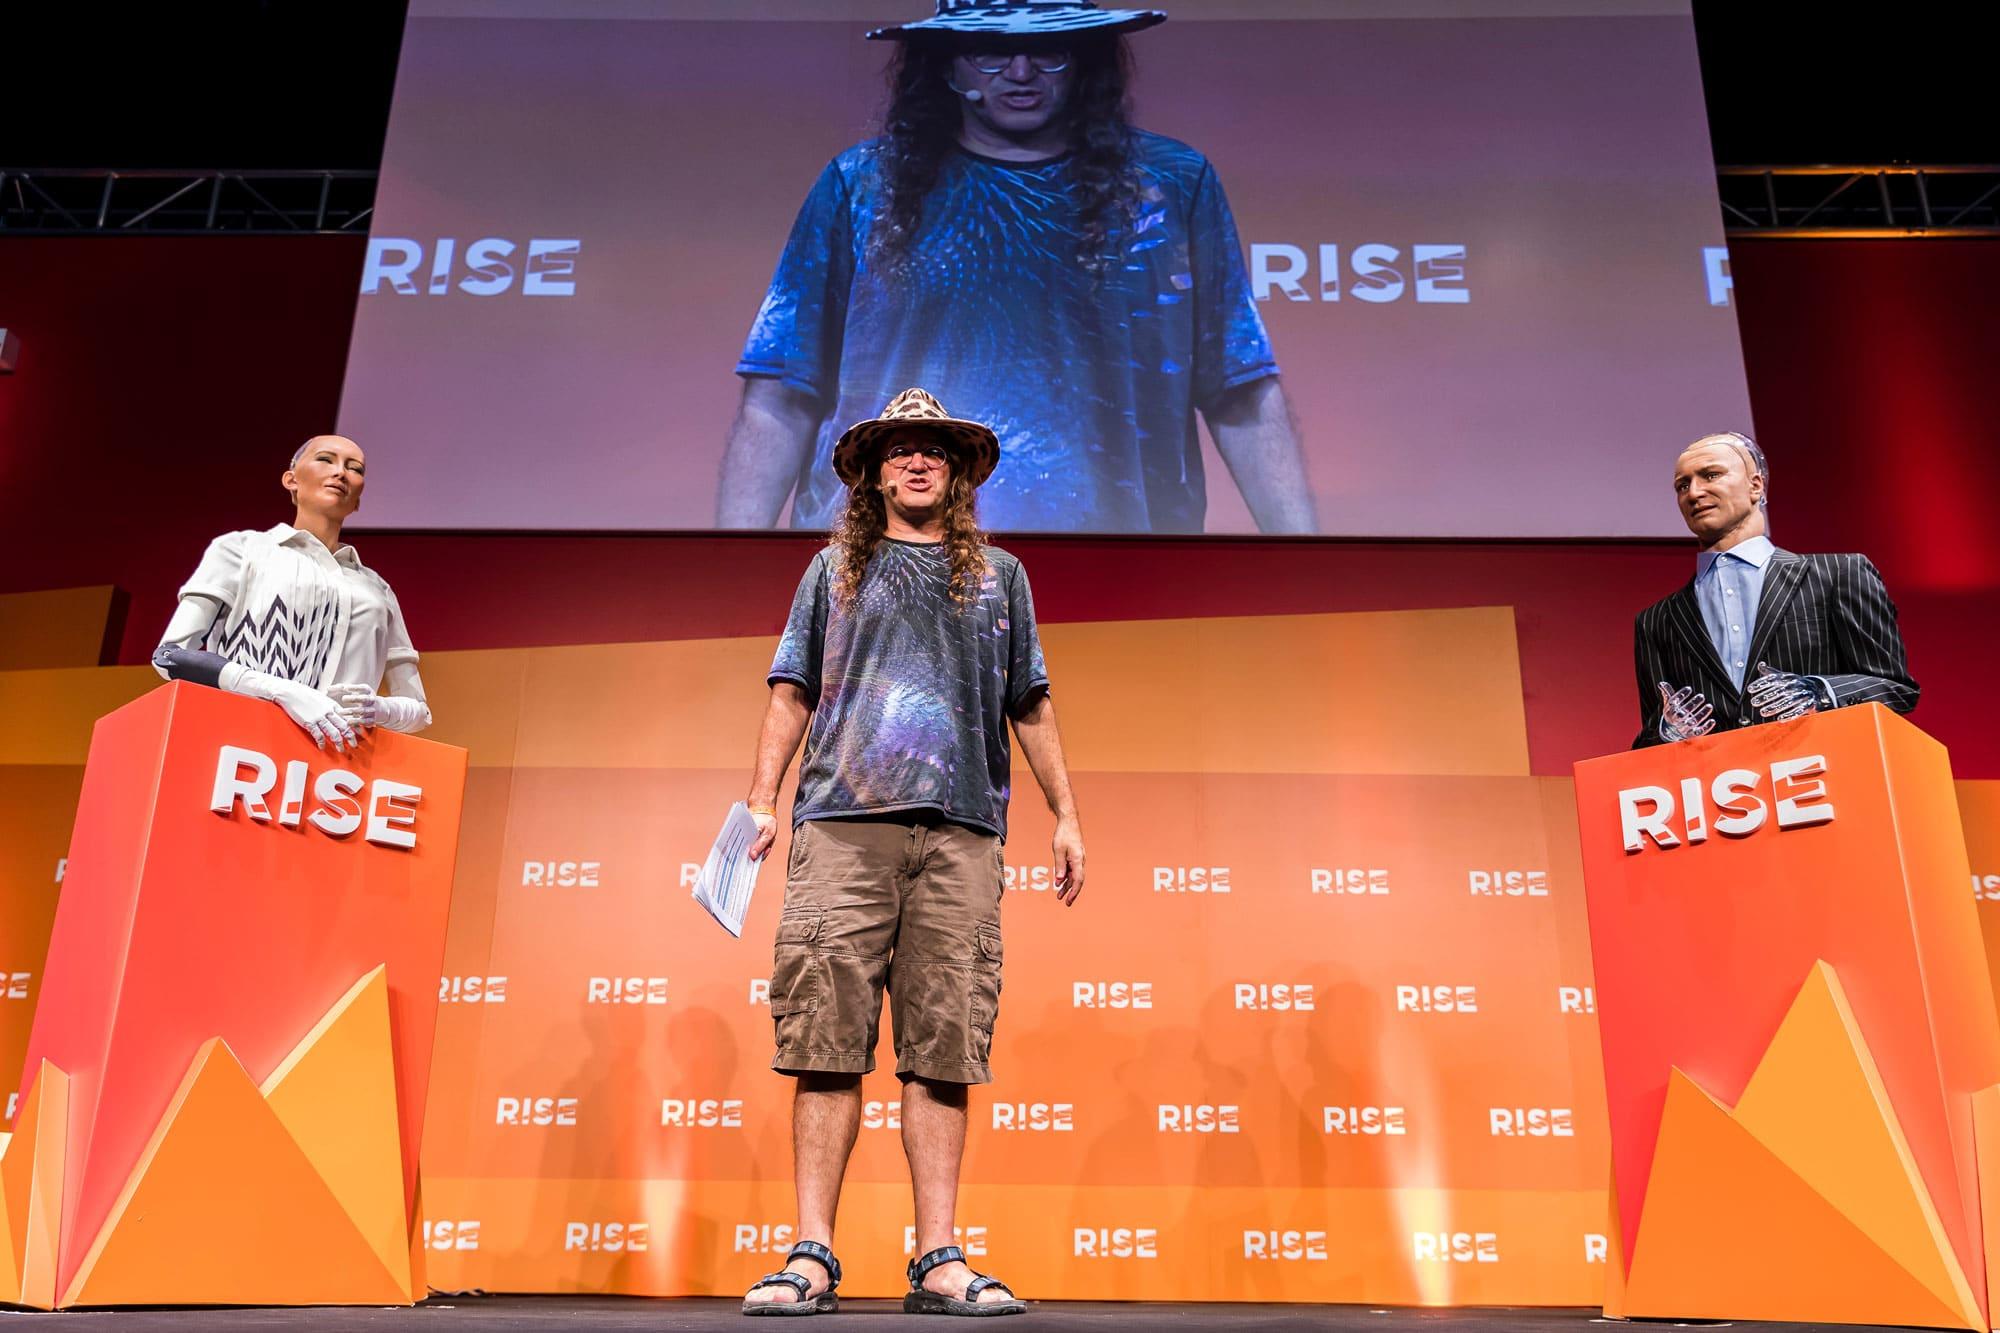 Kết quả hình ảnh cho robot Sophia hong kong RISE 2018